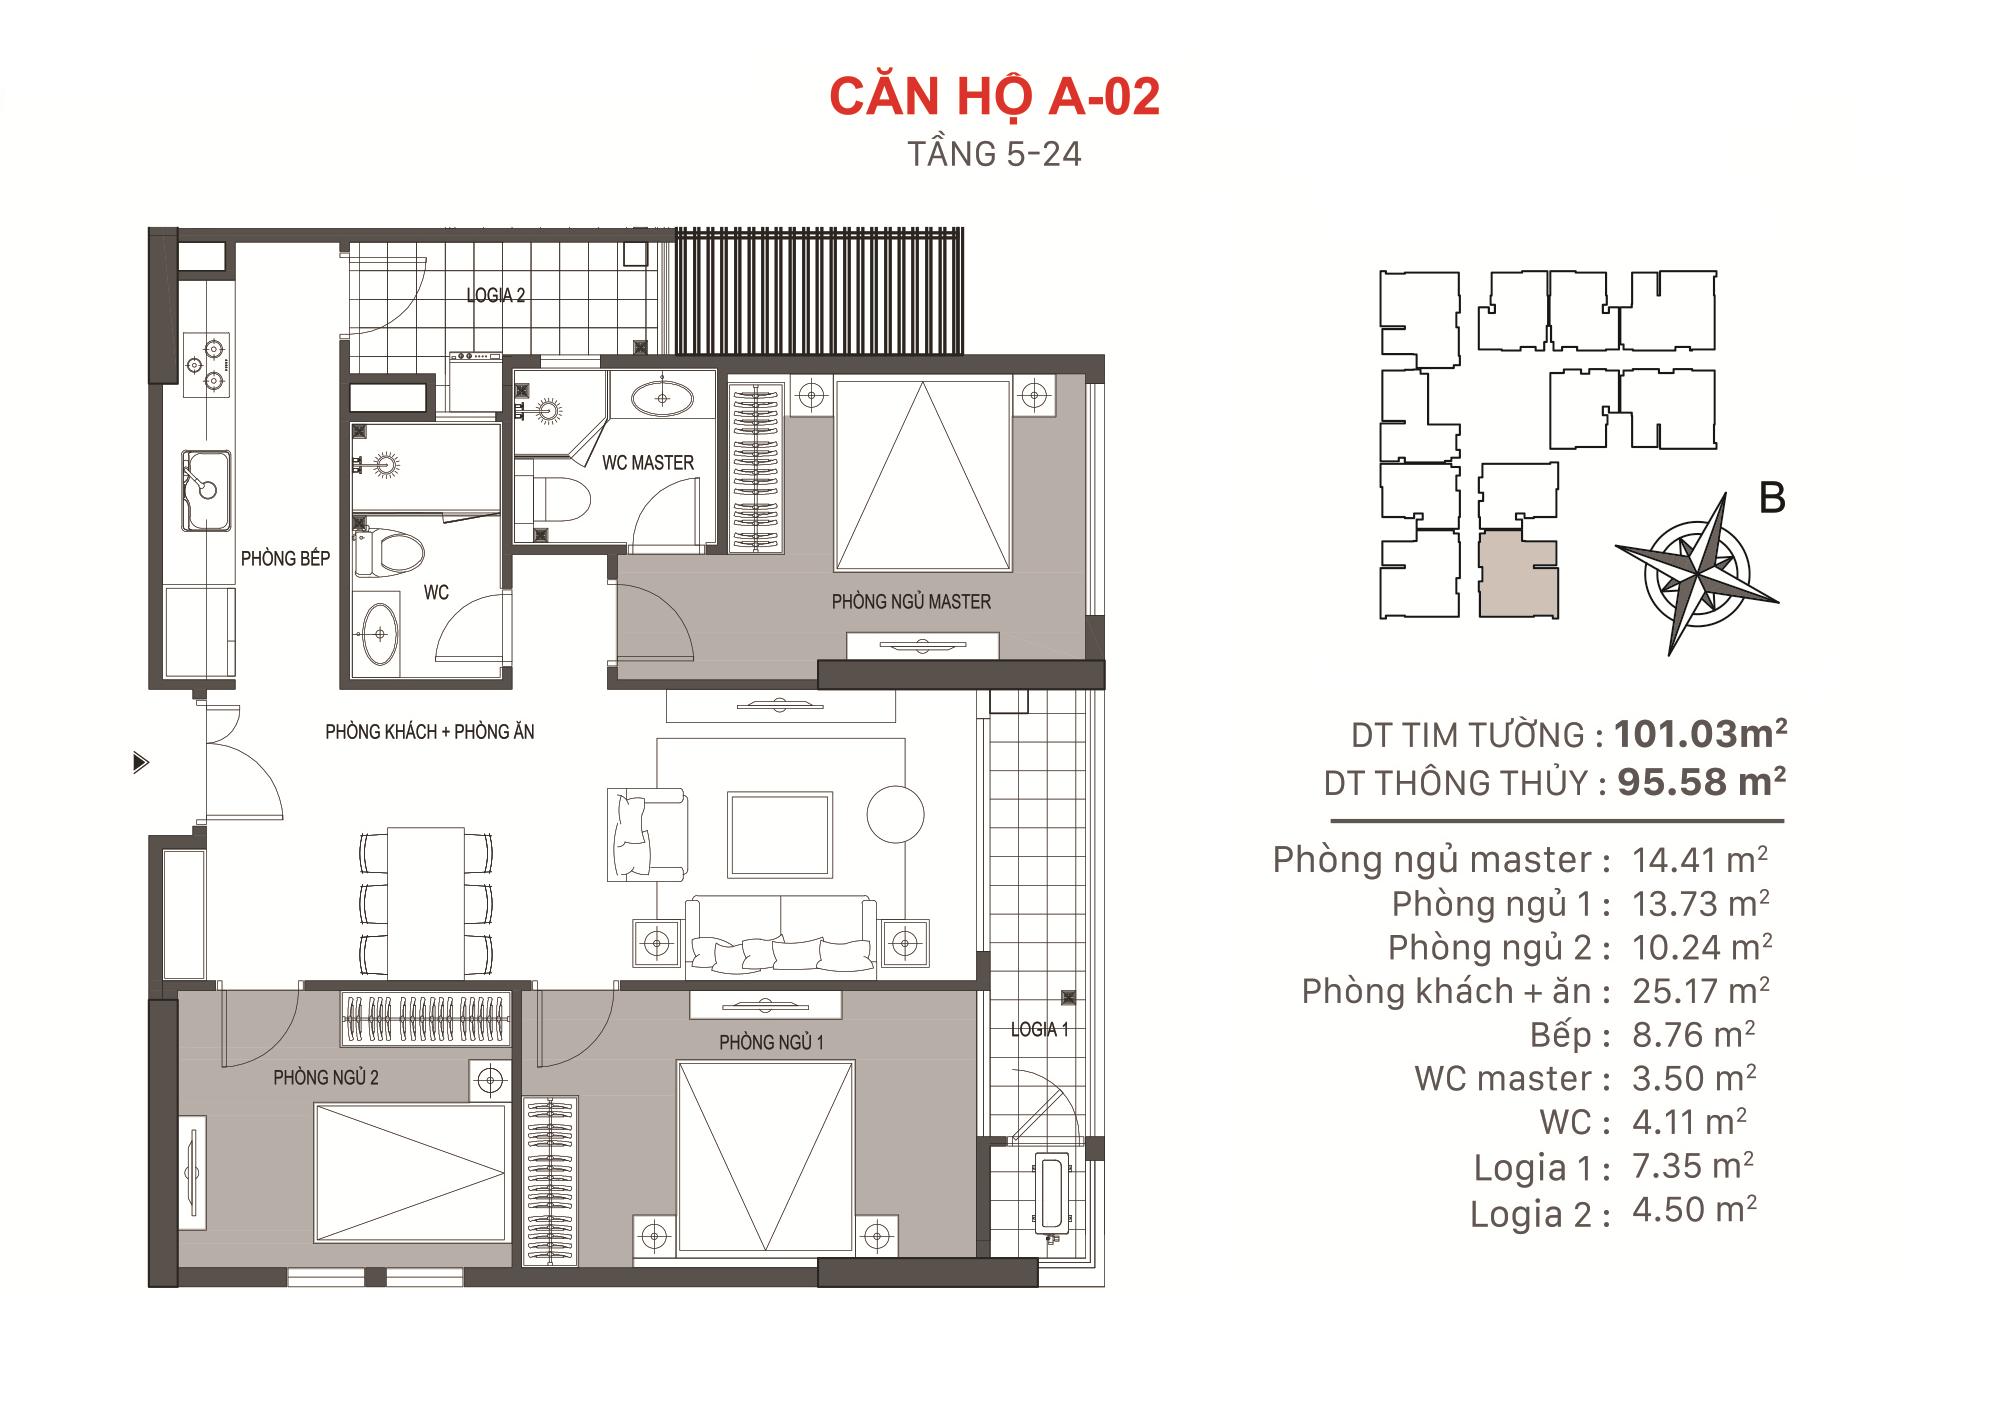 Mặt bằng căn hộ 3 phòng ngủ